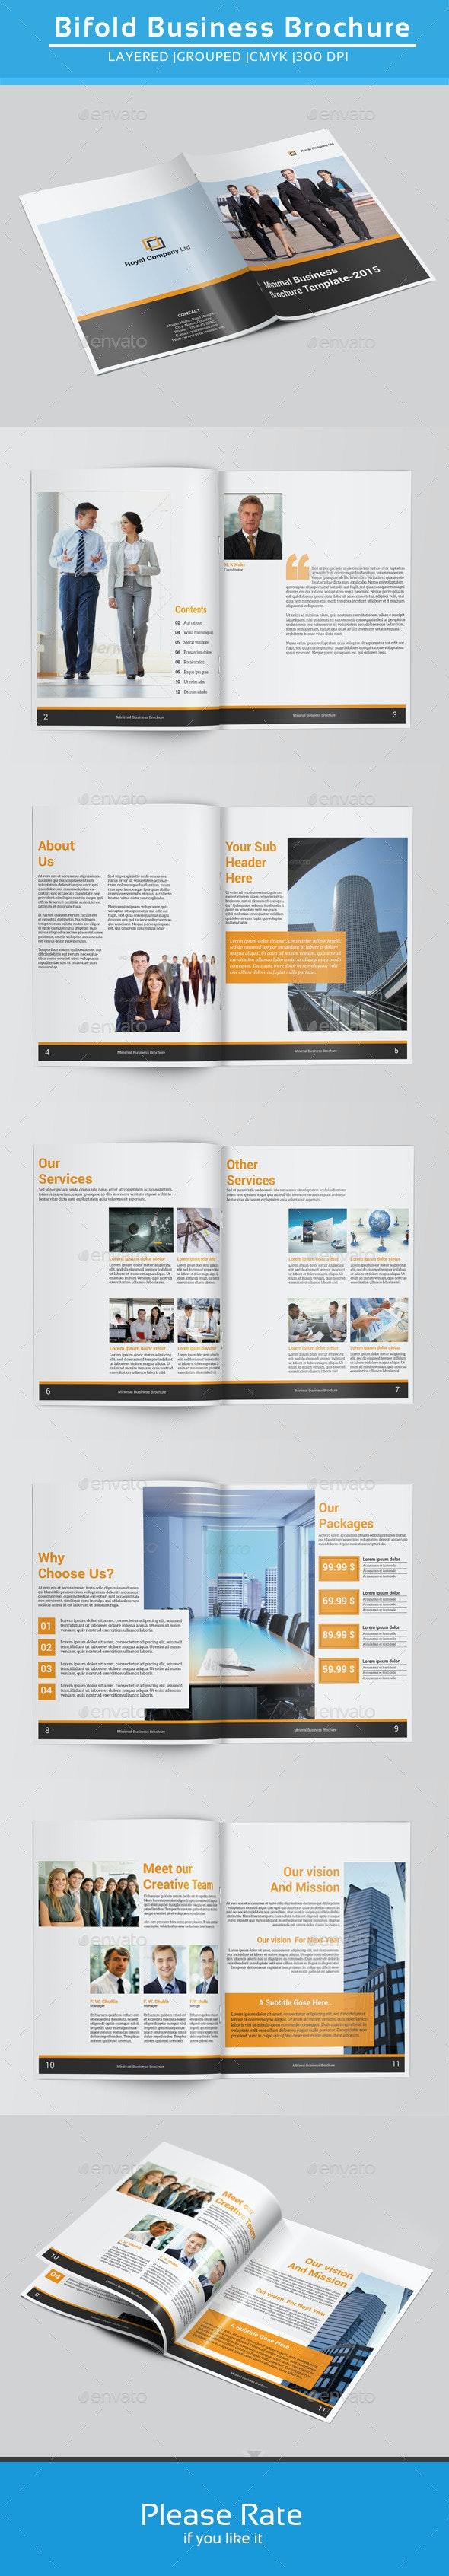 Indesign Business Brochure-V143 - Corporate Brochures